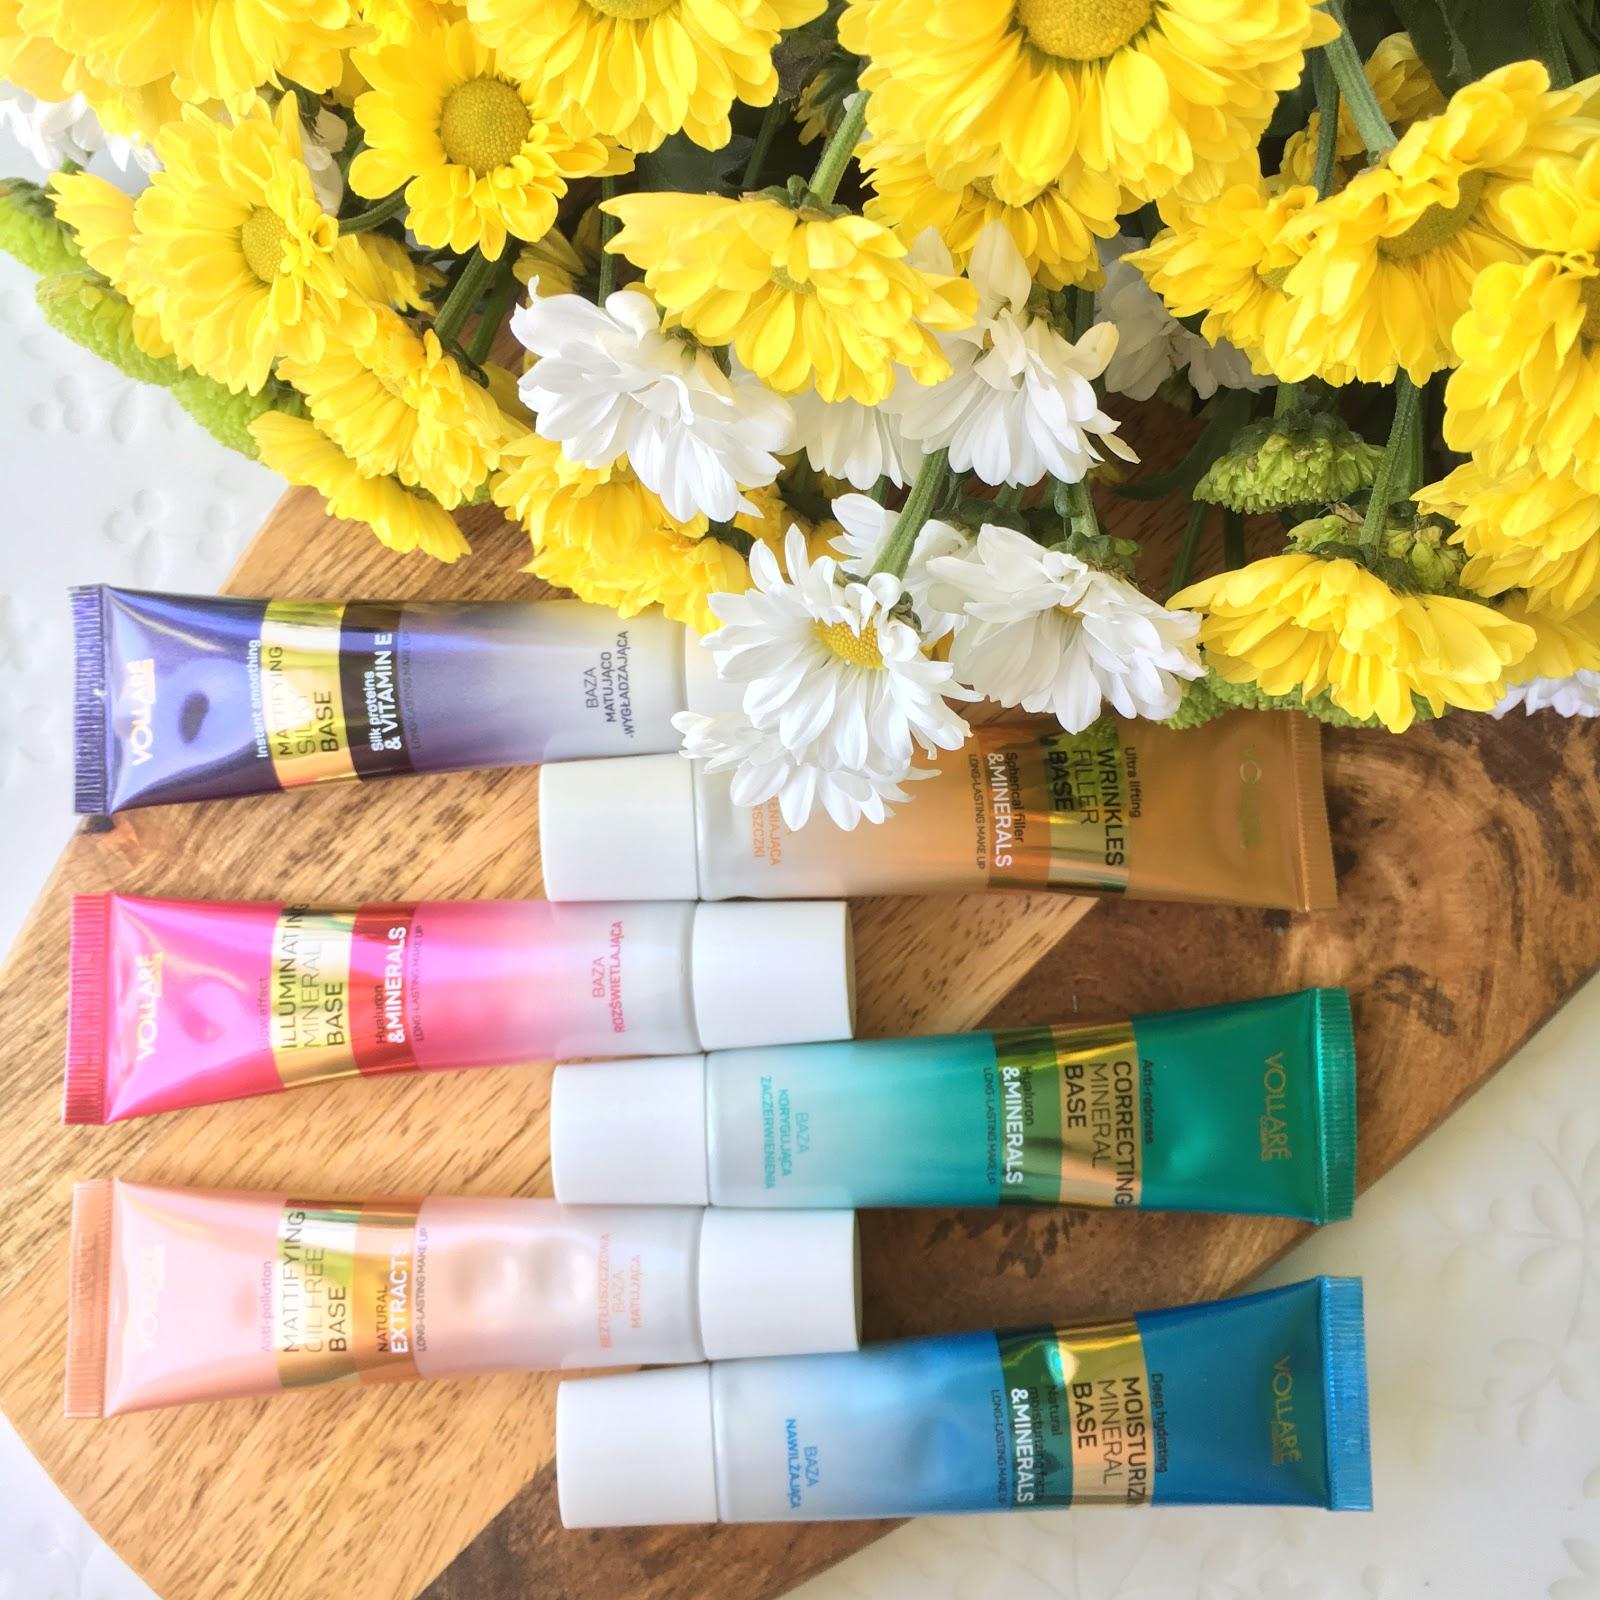 6 tygodni, 6 baz pod makijaż, czyli testy nowości Vollare Cosmetics, dziś na tapecie wrażenia z używania beztłuszczowej bazy matującej.